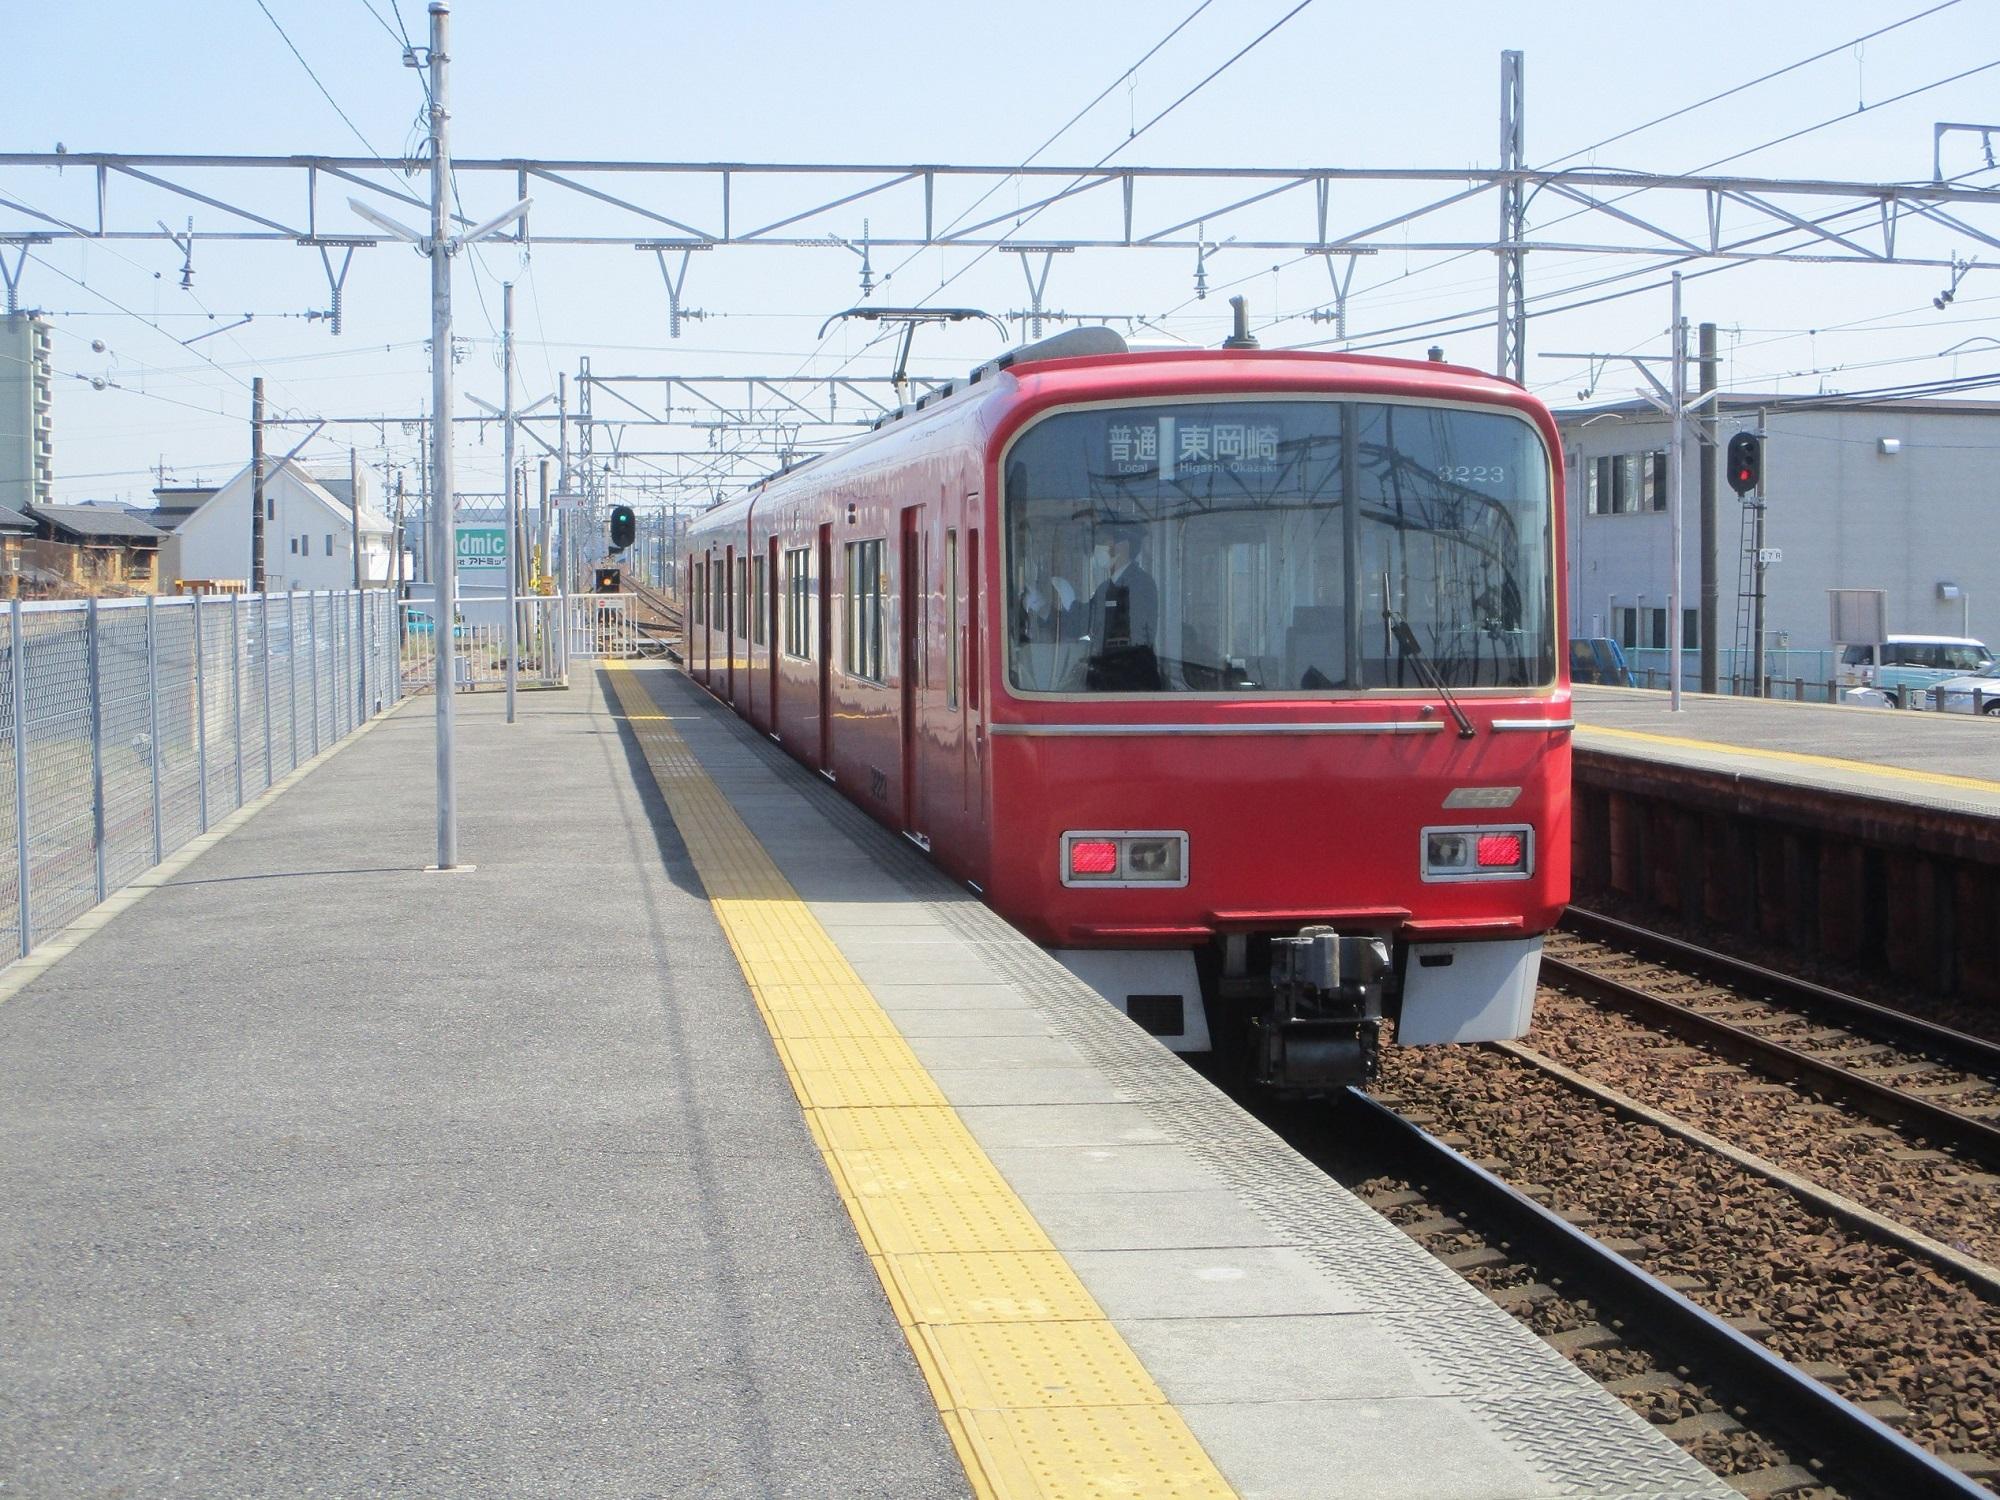 2020.3.26 (13) 矢作橋 - 東岡崎いきふつう 2000-1500